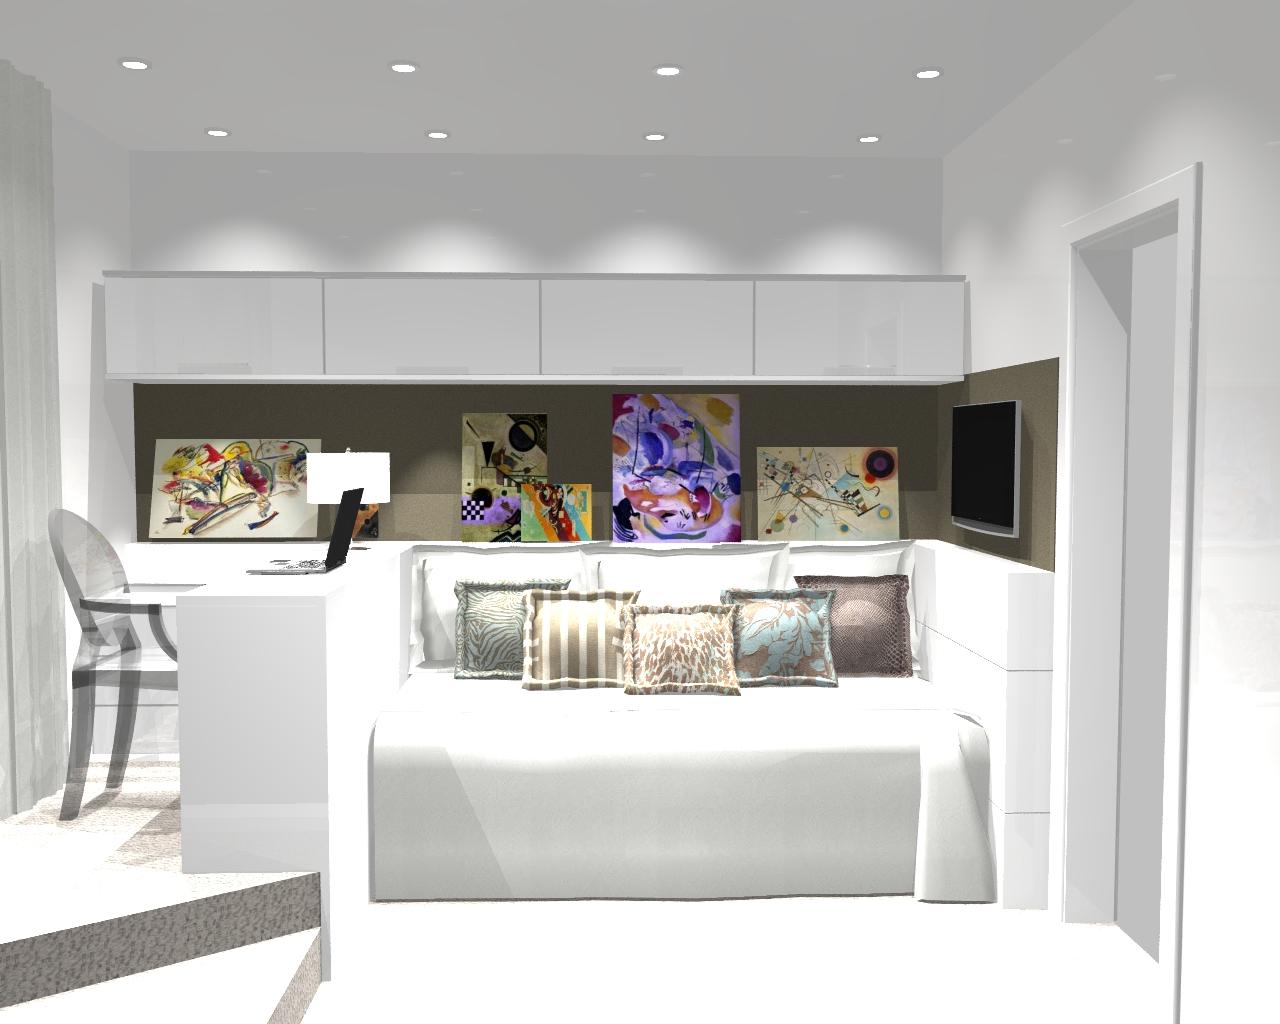 Carolina lira design de interiores dormit rio da jovem for Quadros dormitorio